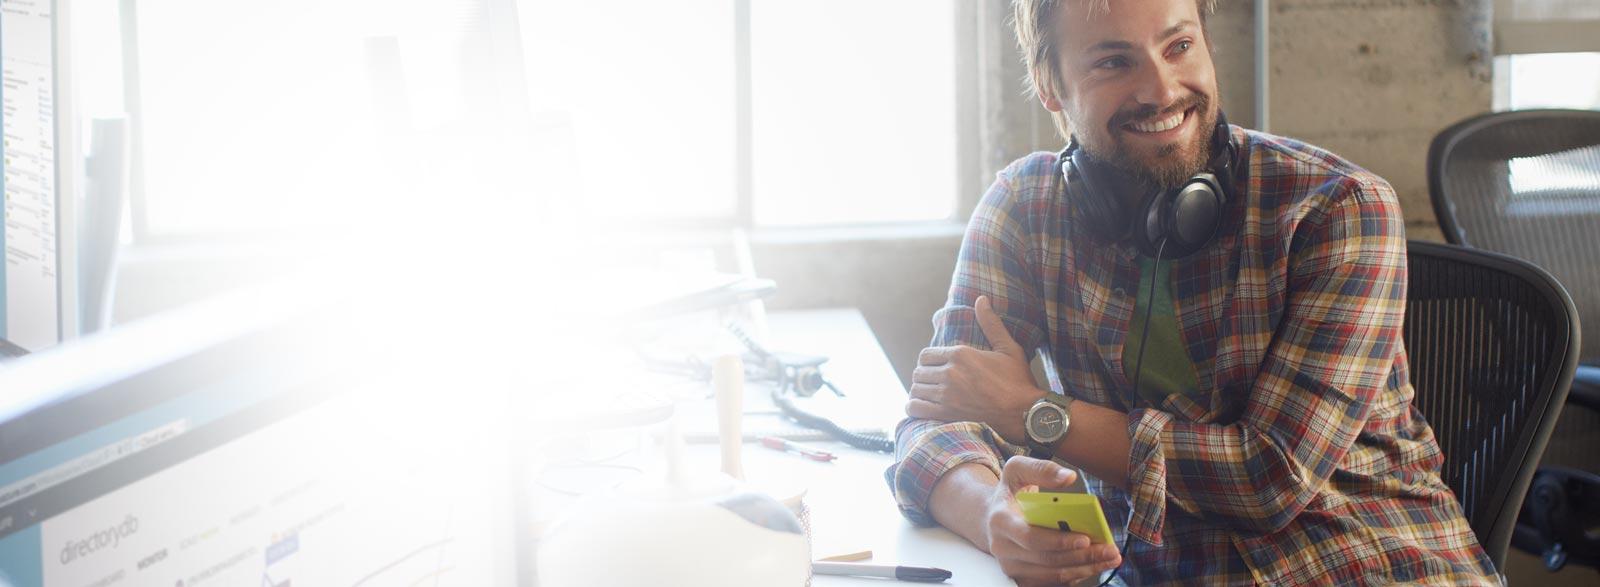 Obtenha os serviços de produtividade e colaboração mais recentes com o Office 365 Enterprise E1.